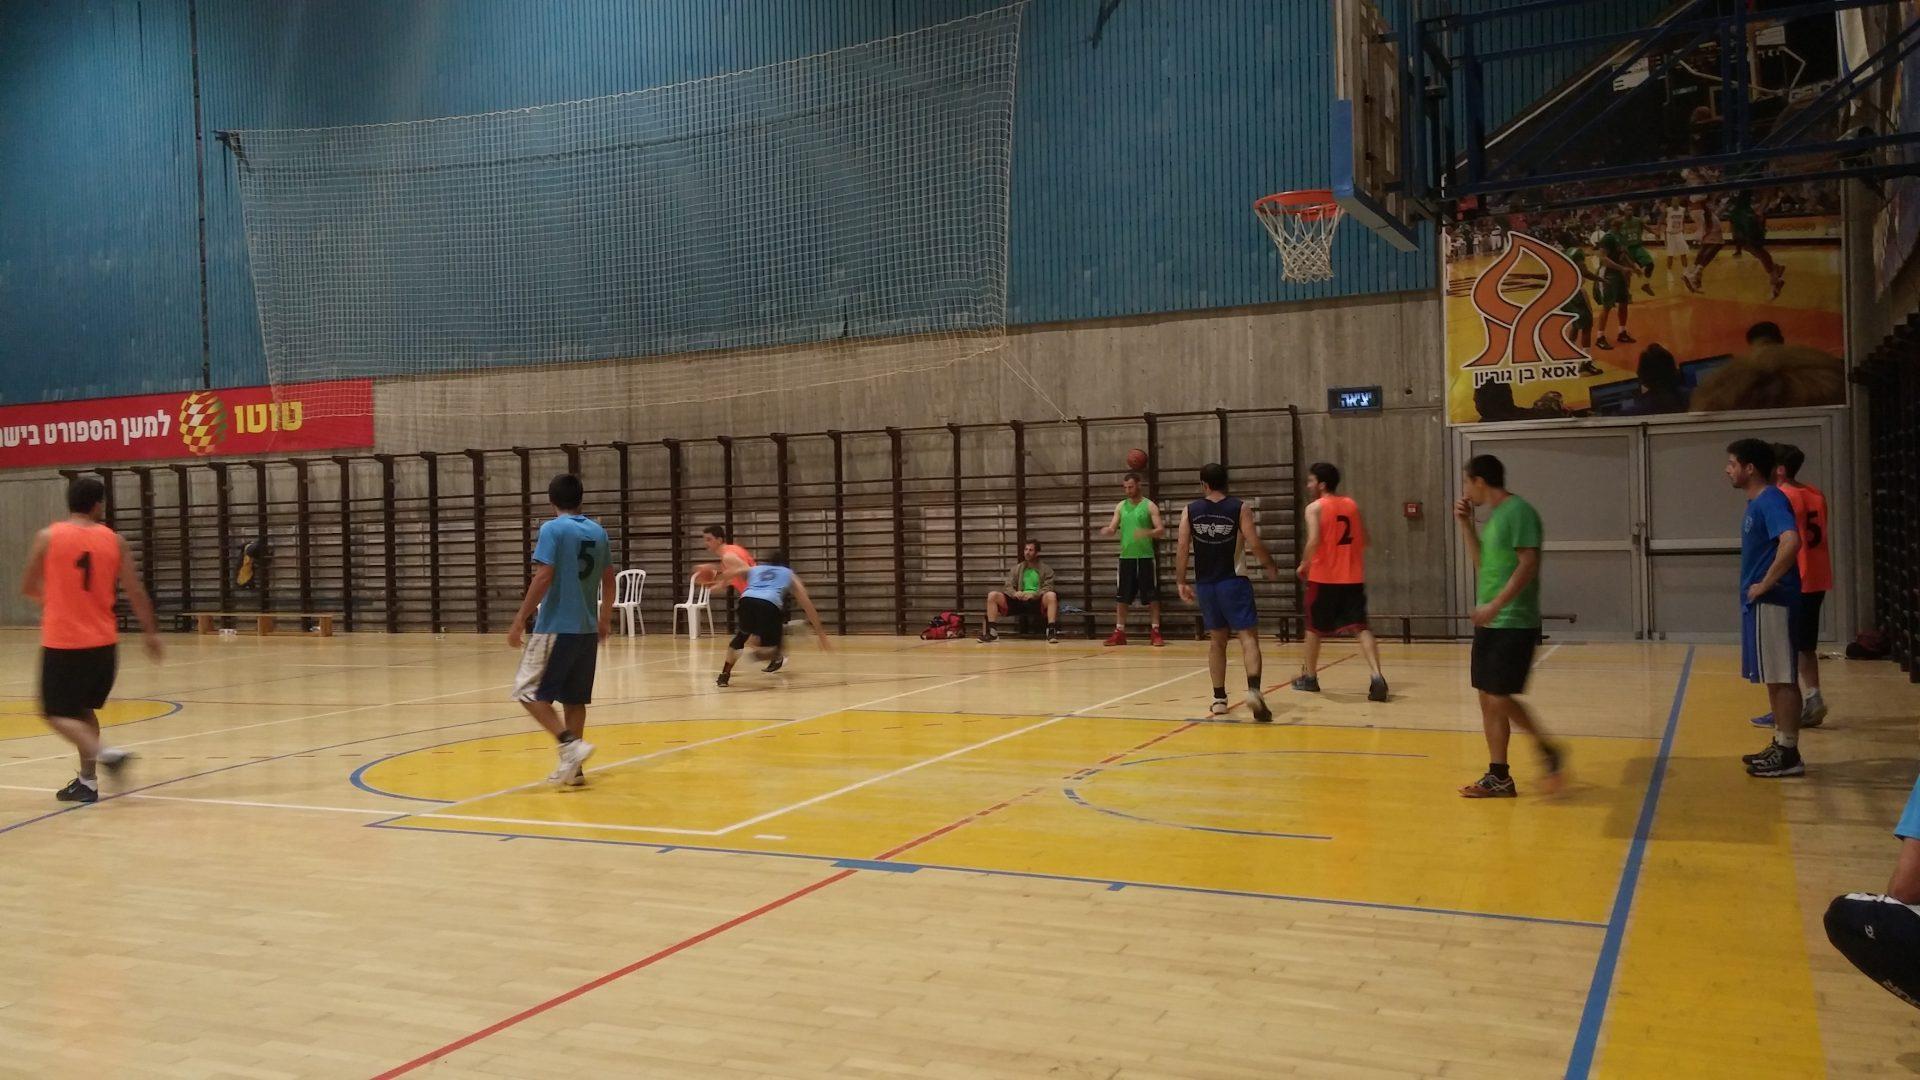 קבוצת סטודנטים משחקים כדורסל